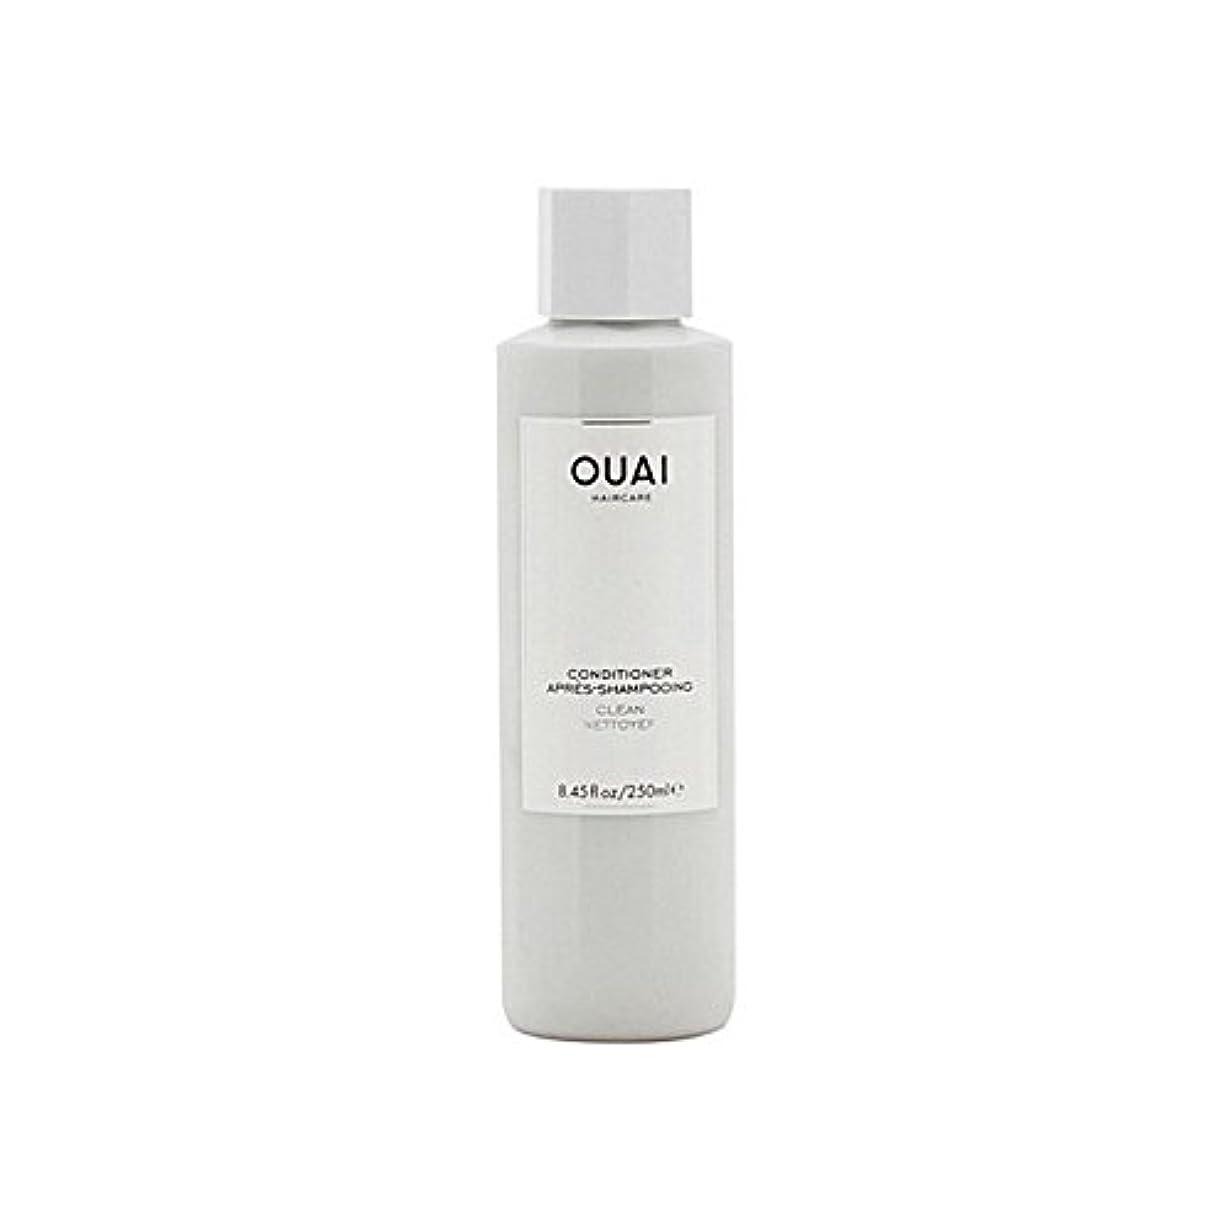 虐待素敵な幽霊Ouai Clean Conditioner 300ml - クリーンコンディショナー300ミリリットル [並行輸入品]